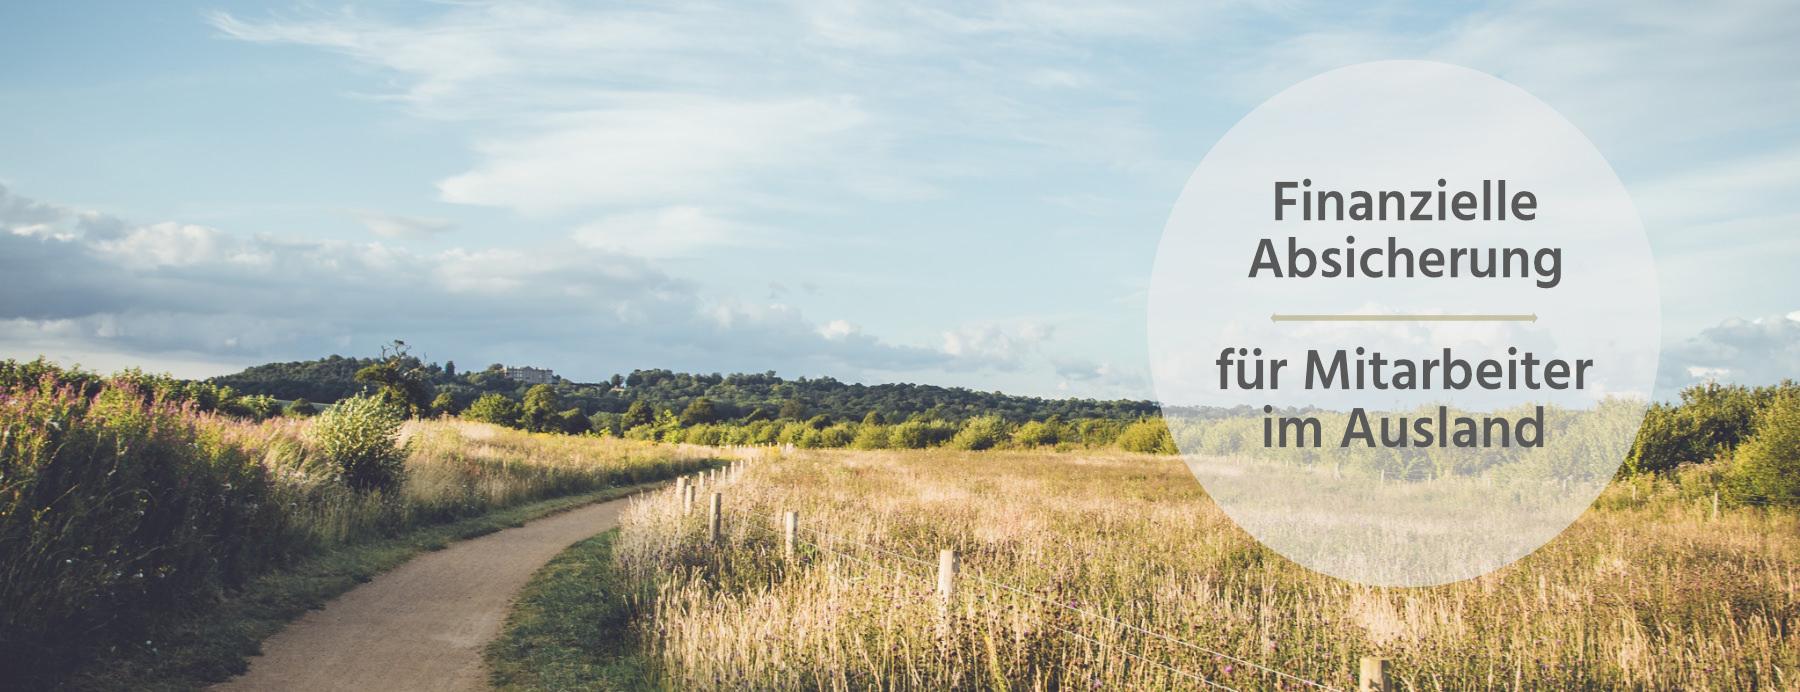 Landschaft Weg Text: Finazielle Absicherung für Mitareiter im Ausland